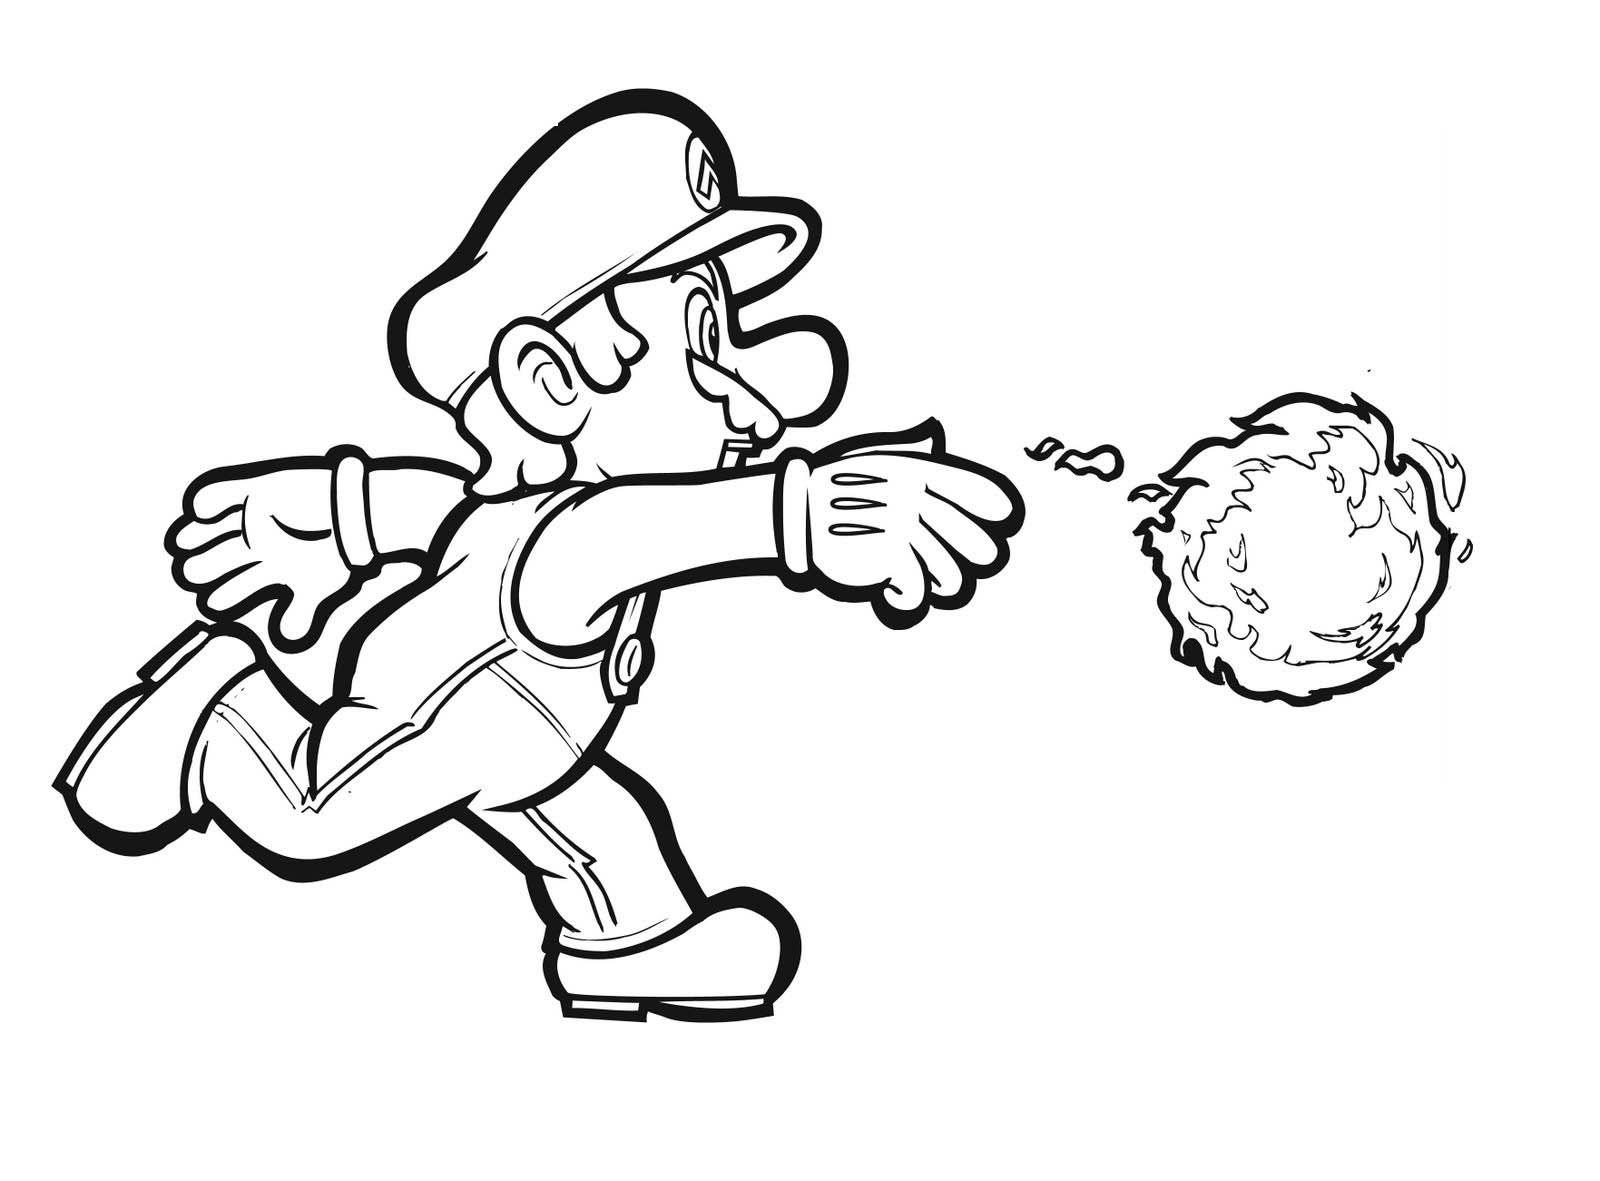 Beste Super Smash Bros Nahkampf Malvorlagen Zeitgenössisch ...